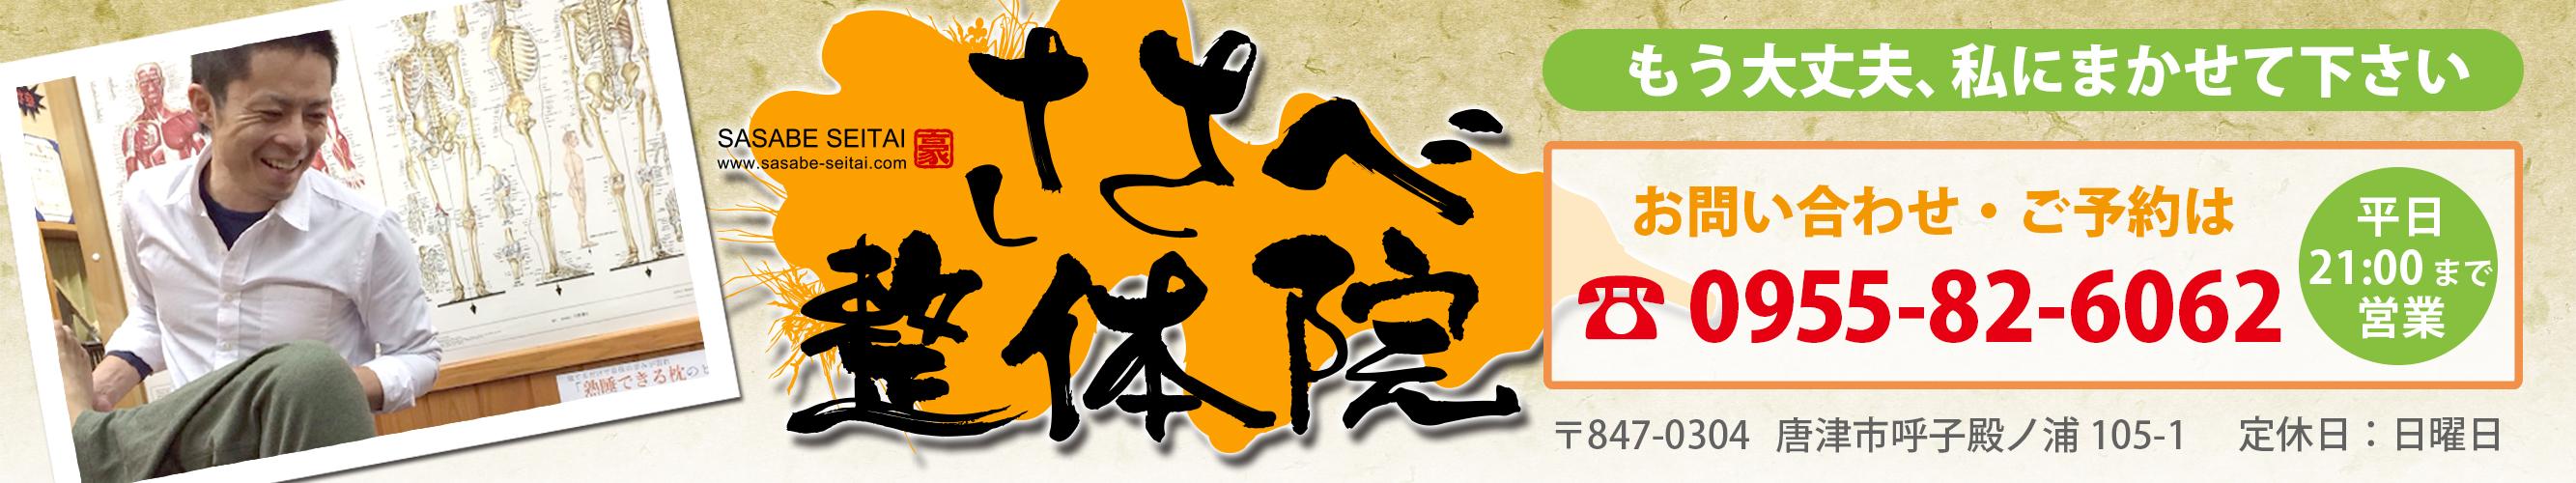 ささべ整体院 唐津市で口コミ多数!! お問い合わせ・ご予約は TEL:0955-82-6062 〒847--0304 唐津市呼子殿ノ浦 105-1 定休日:日曜日